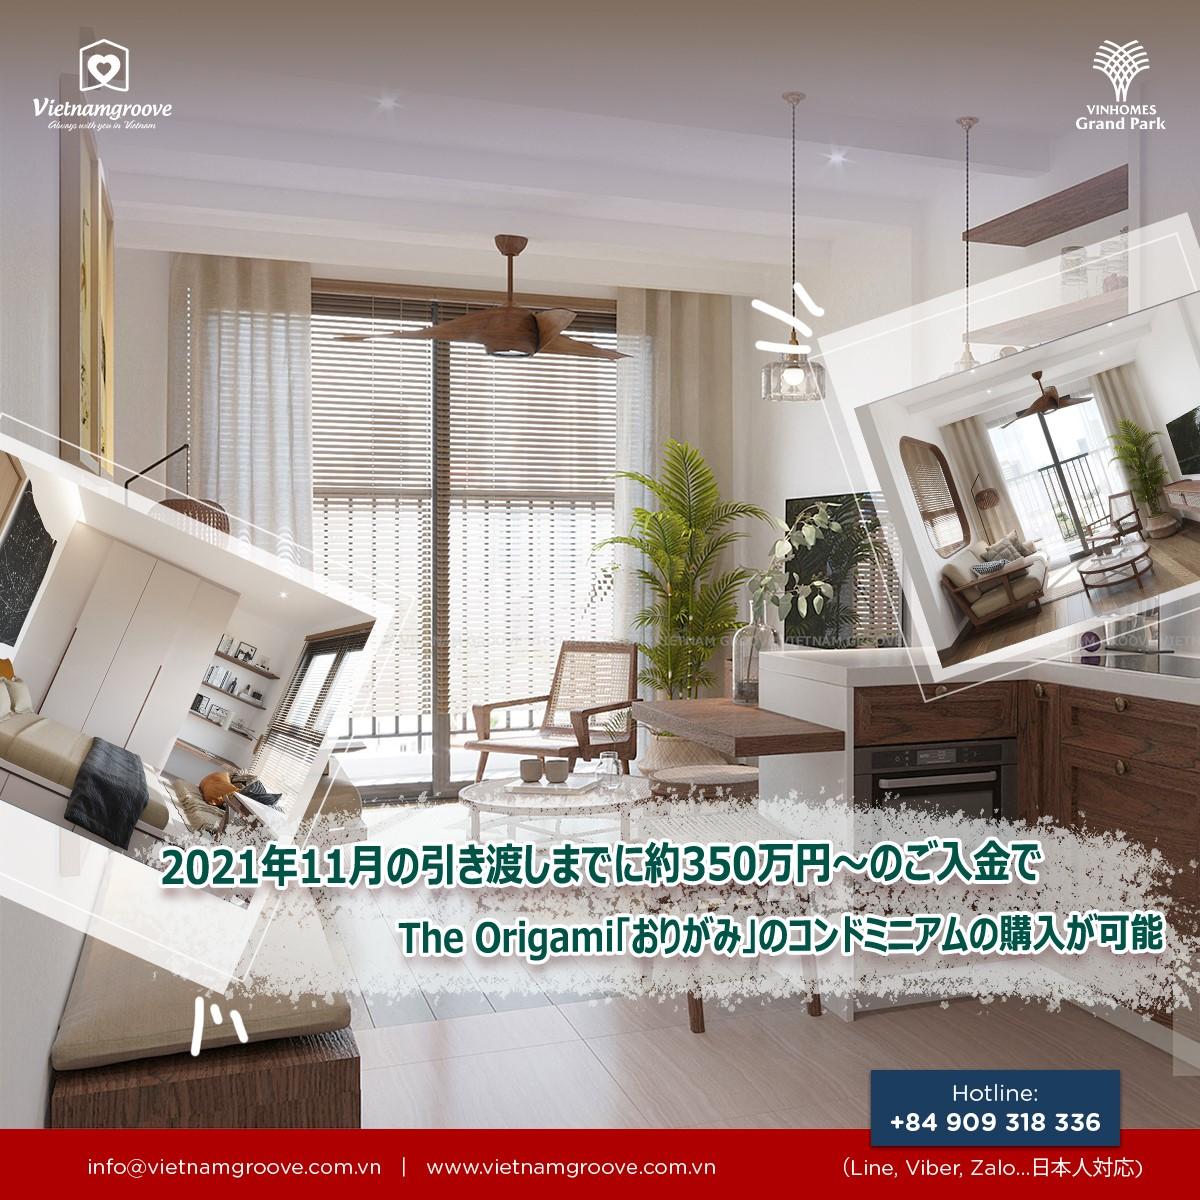 hình mẫu căn hộ the origami